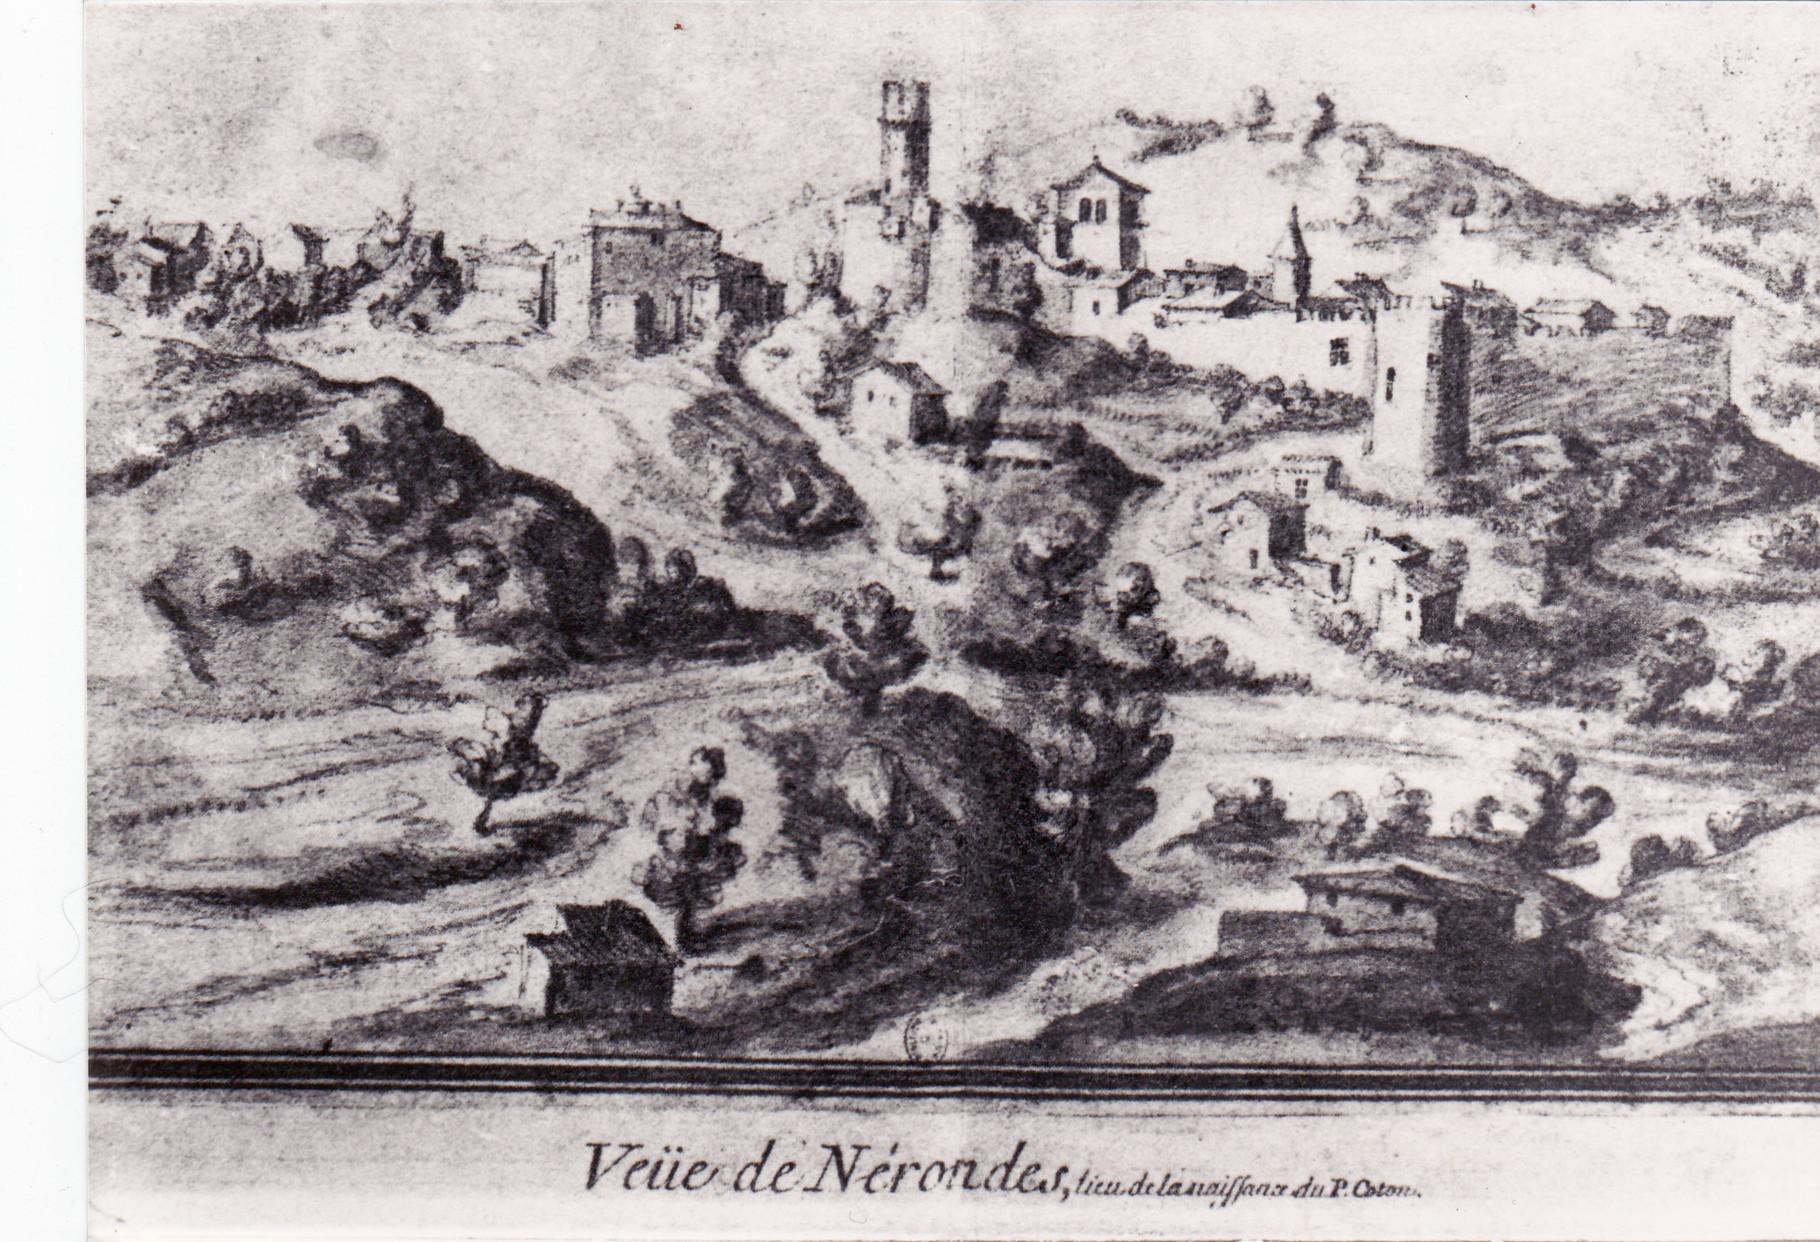 La ville et château de Néronde (1460)